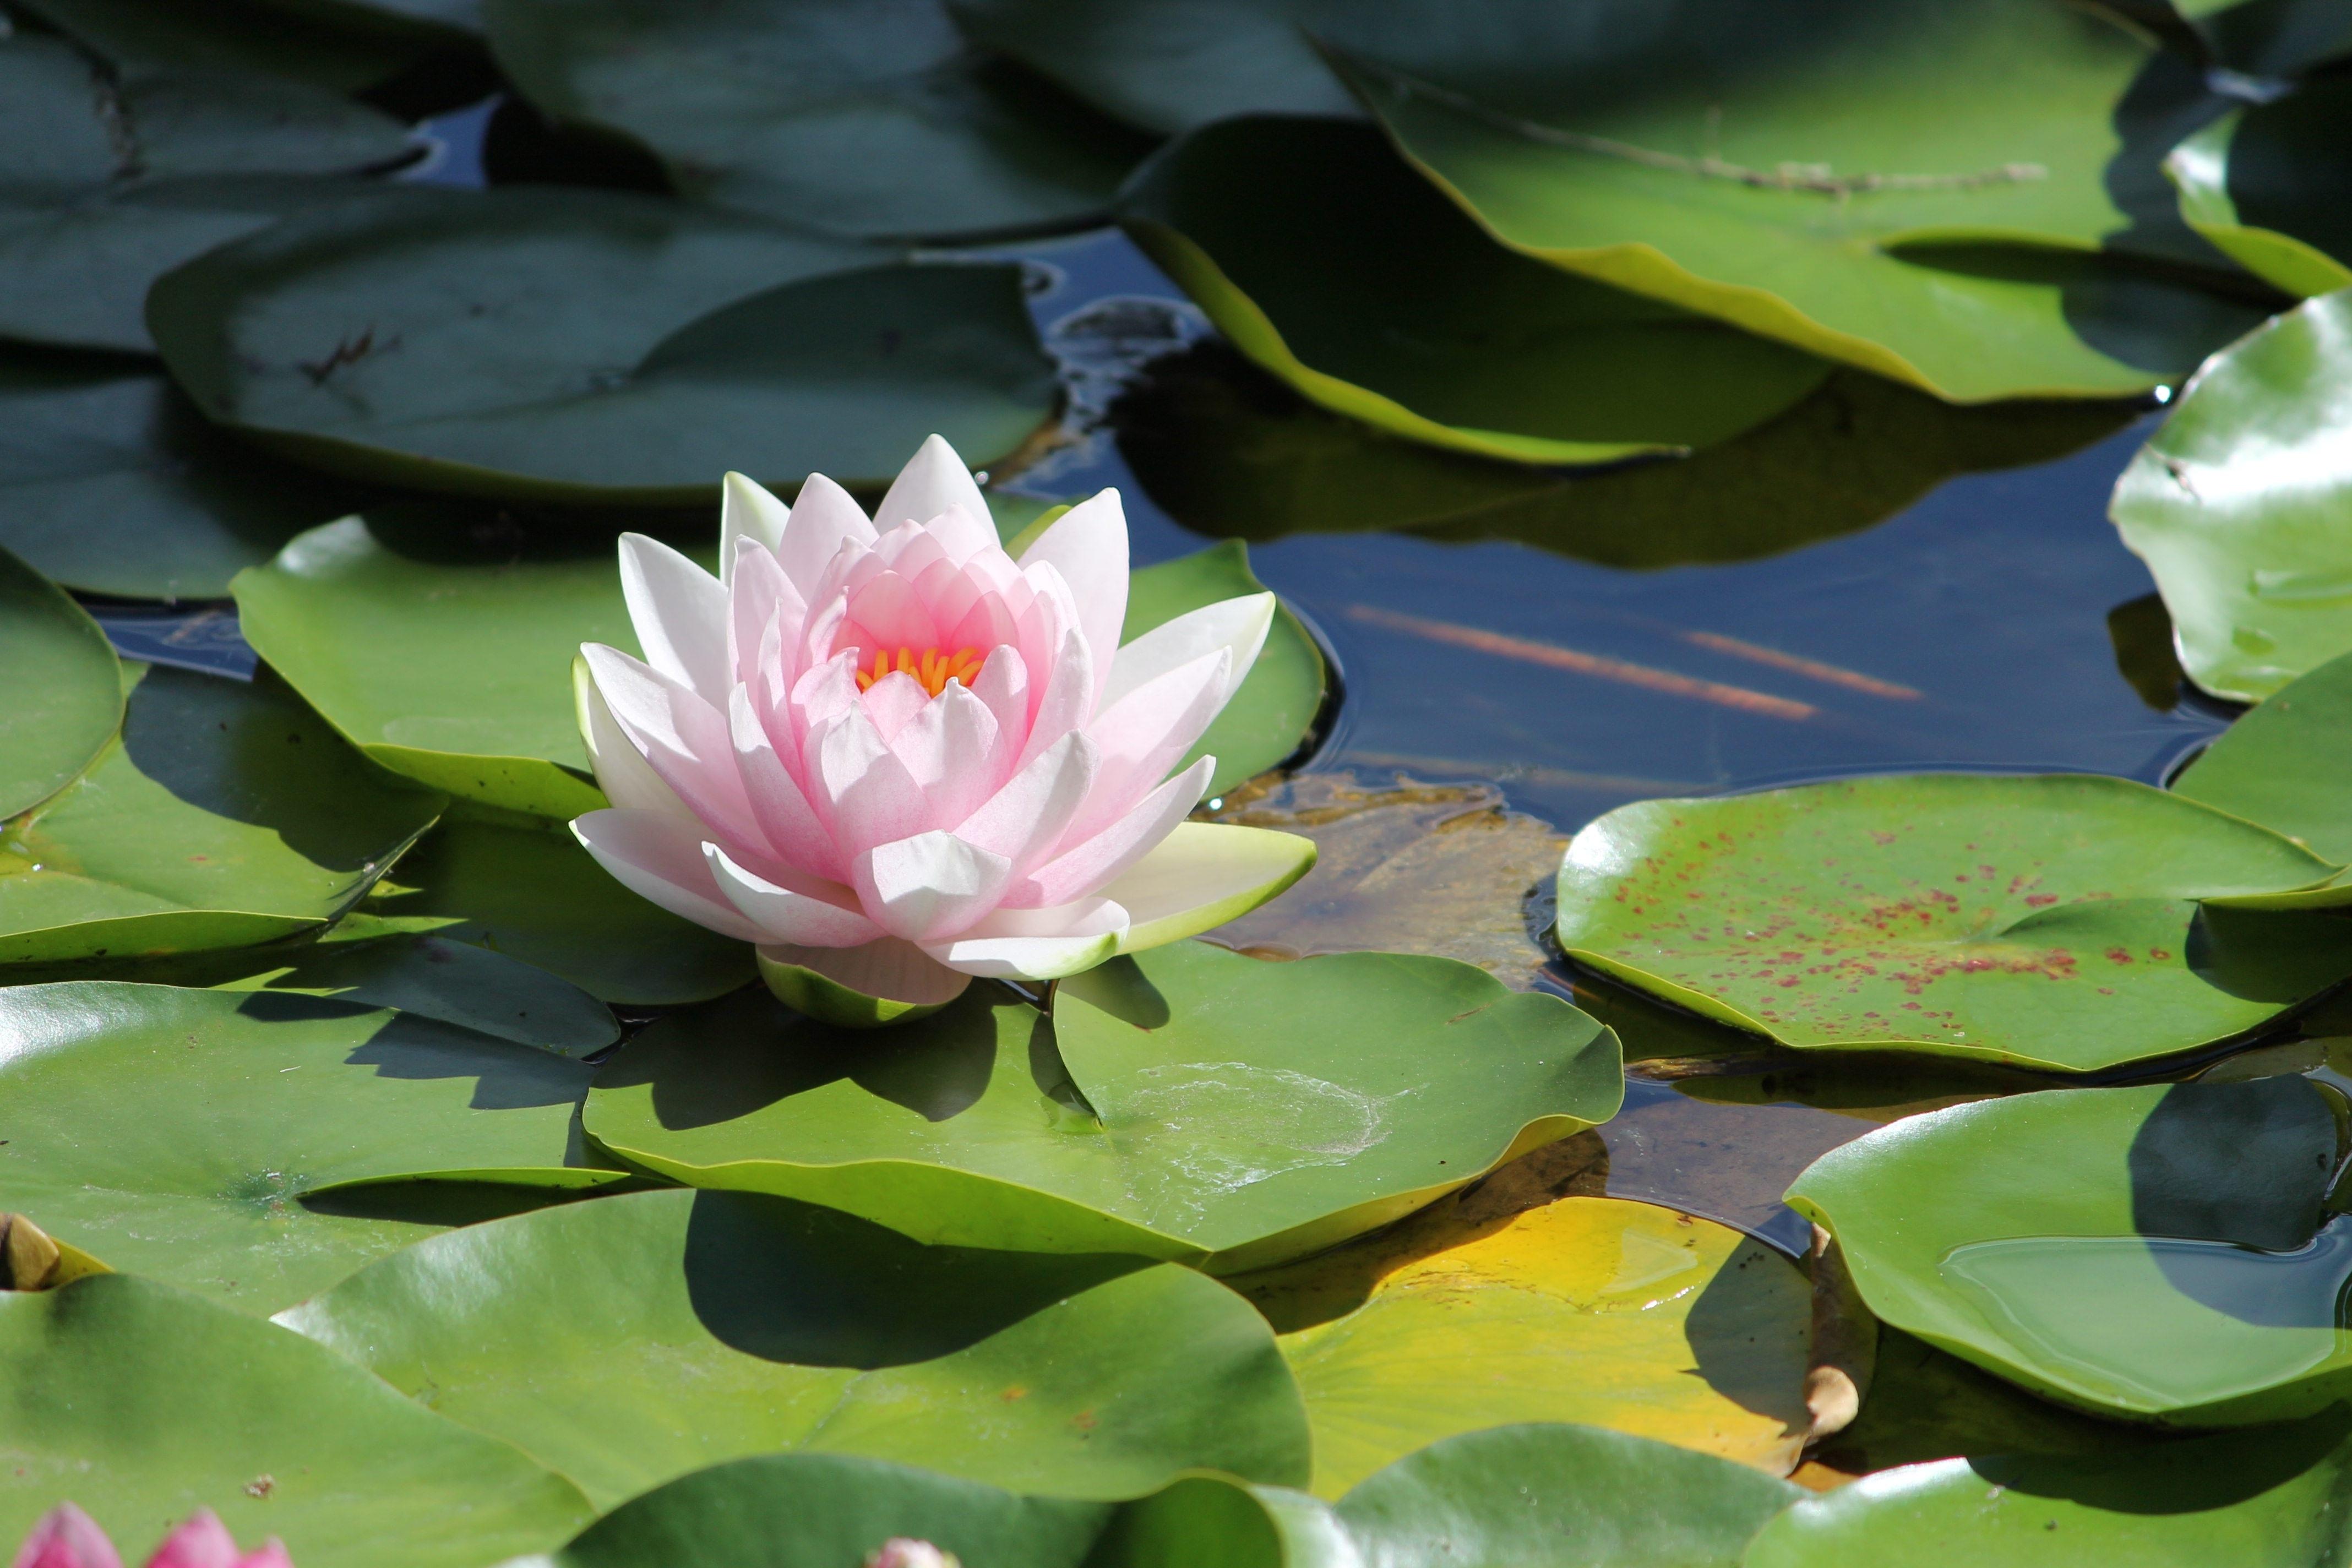 Free Images Blossom White Leaf Flower Petal Pond